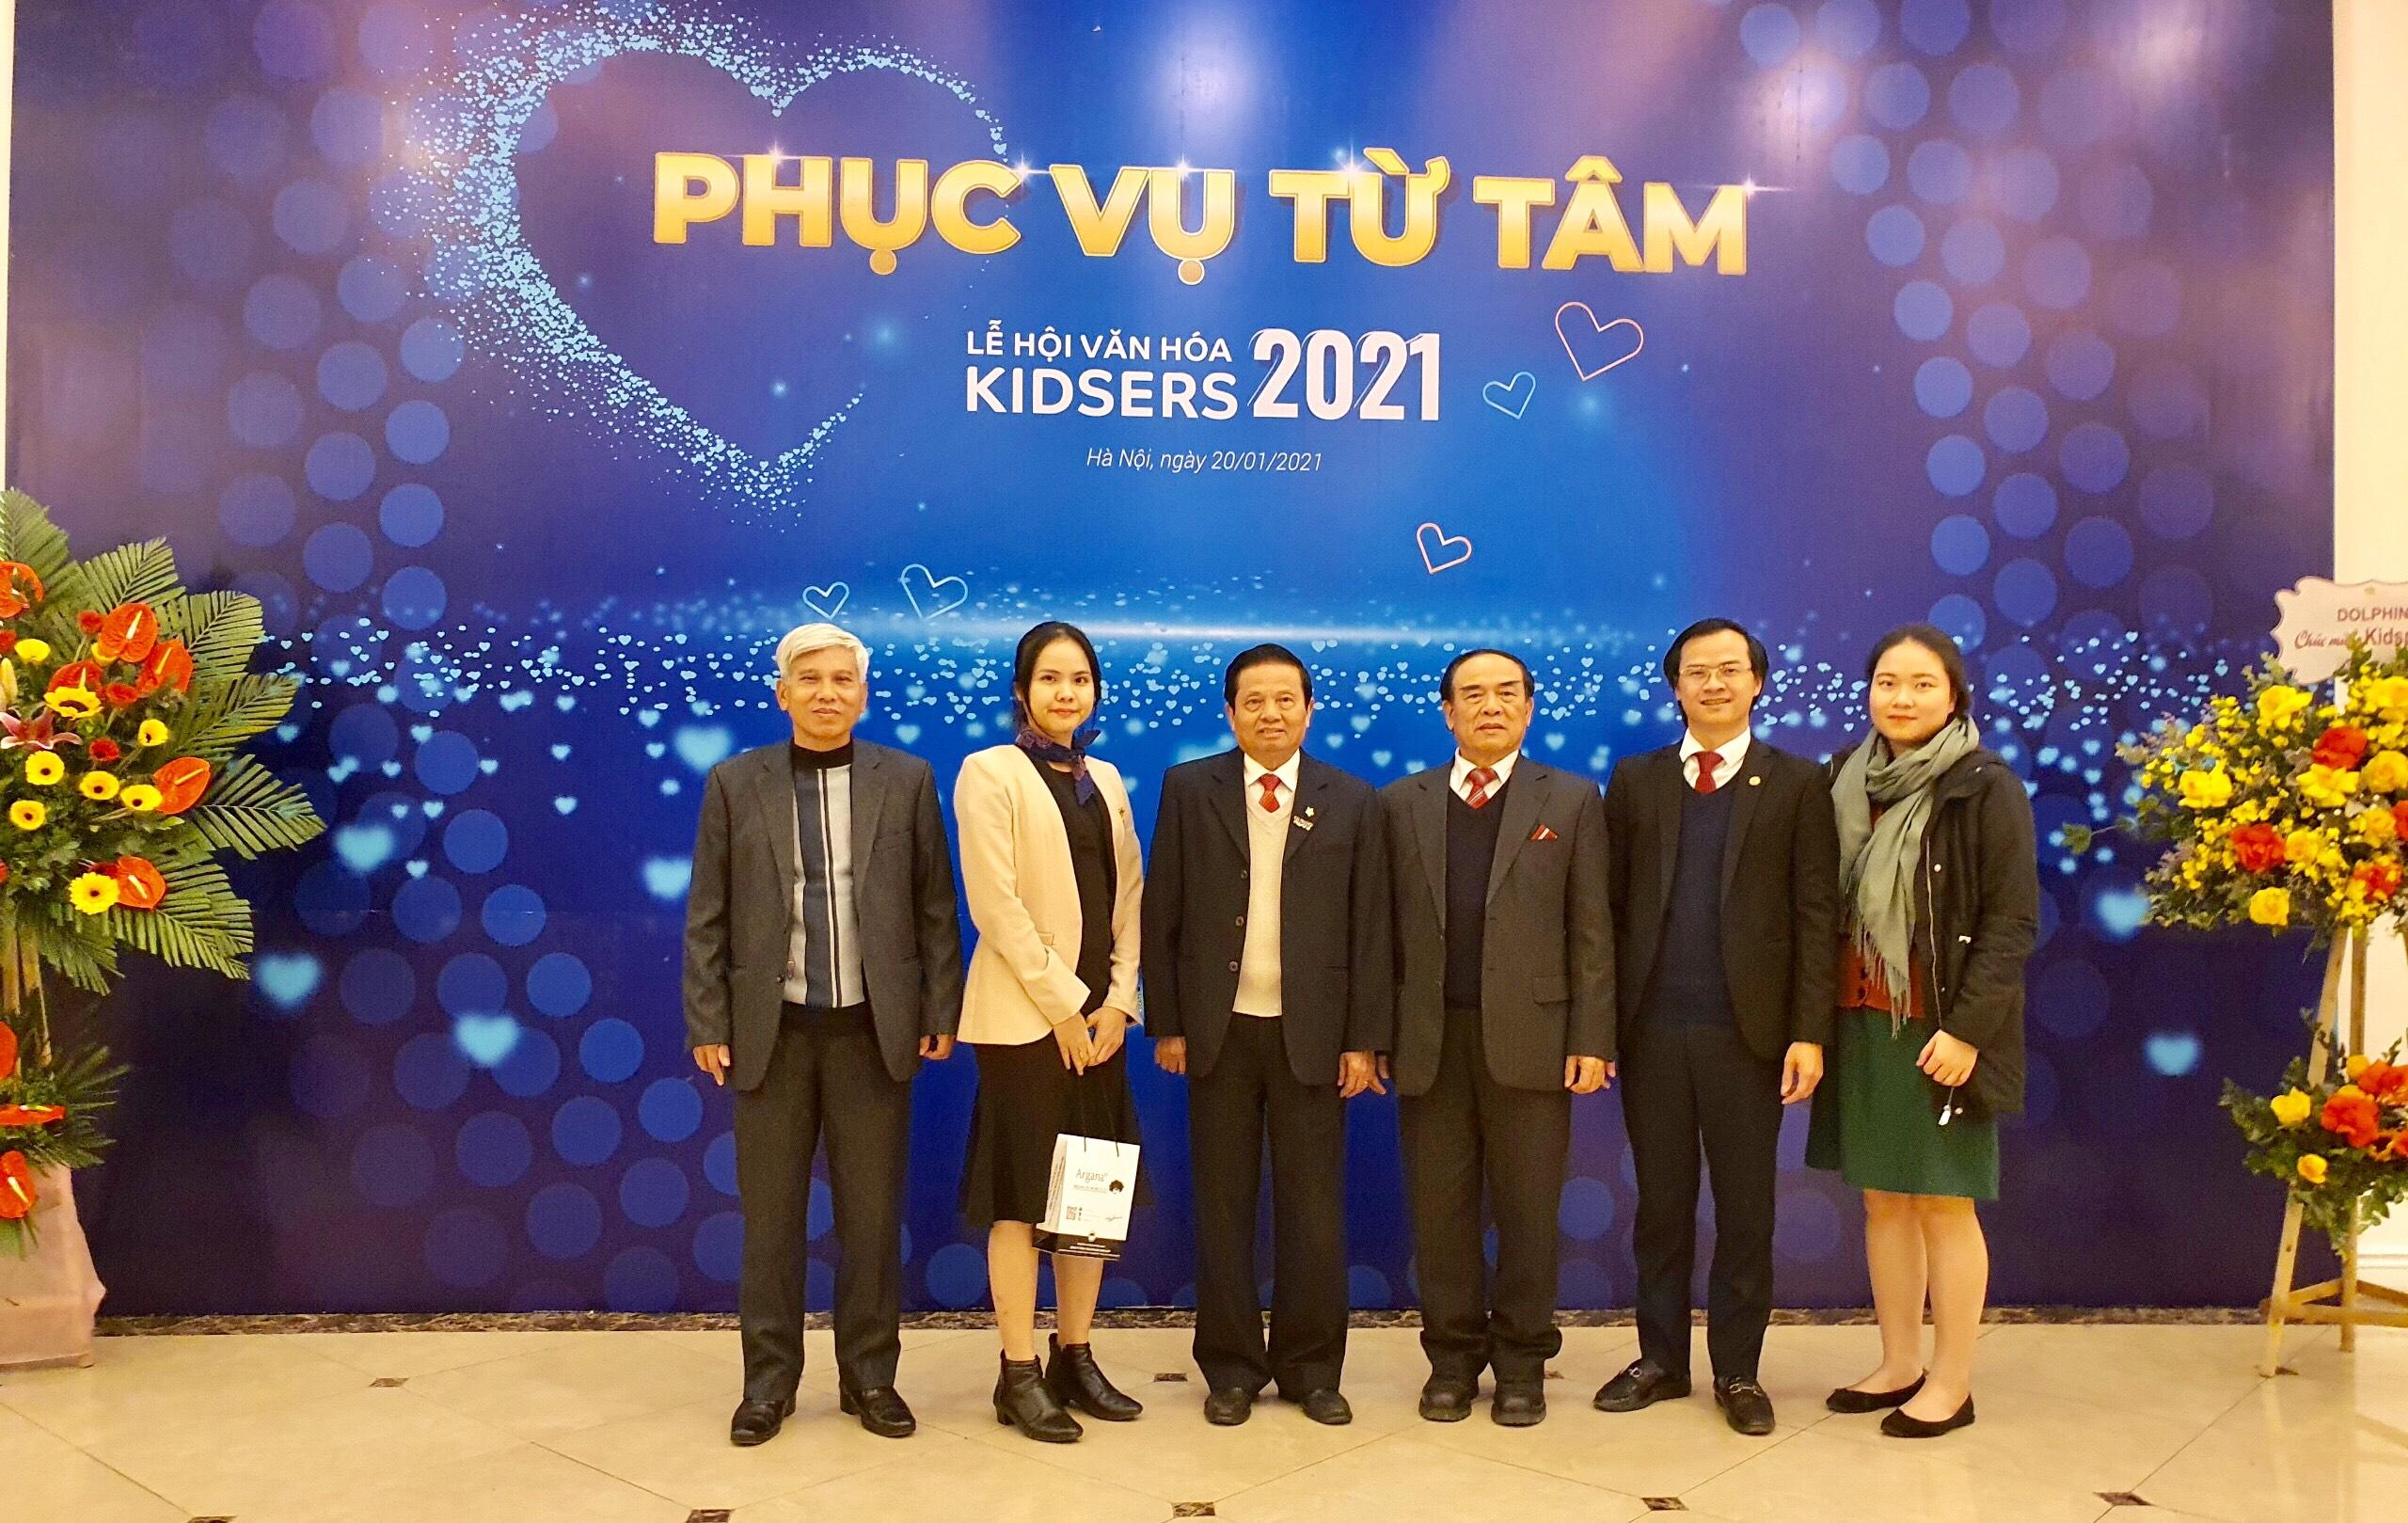 Đoàn đại biểu Tổ chức Kỷ lục Việt Nam